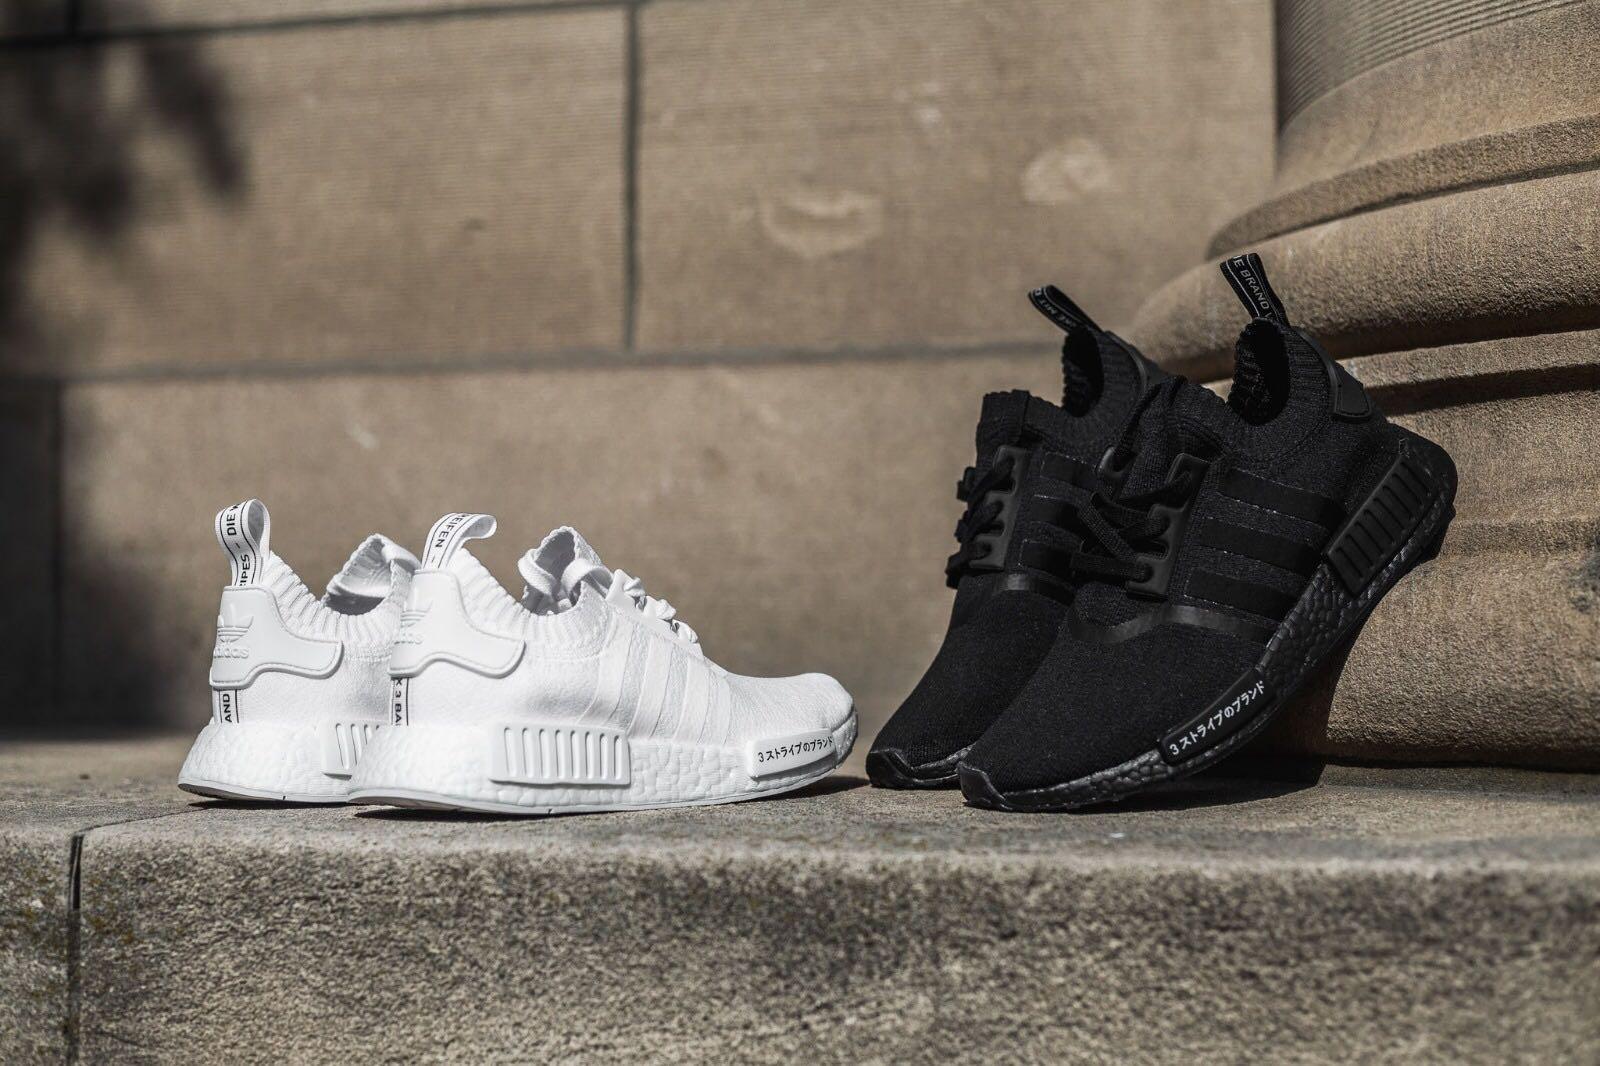 reputable site 38a99 c8fb7 Adidas NMD R1 Primeknit Japan Triple Black & Triple White ...